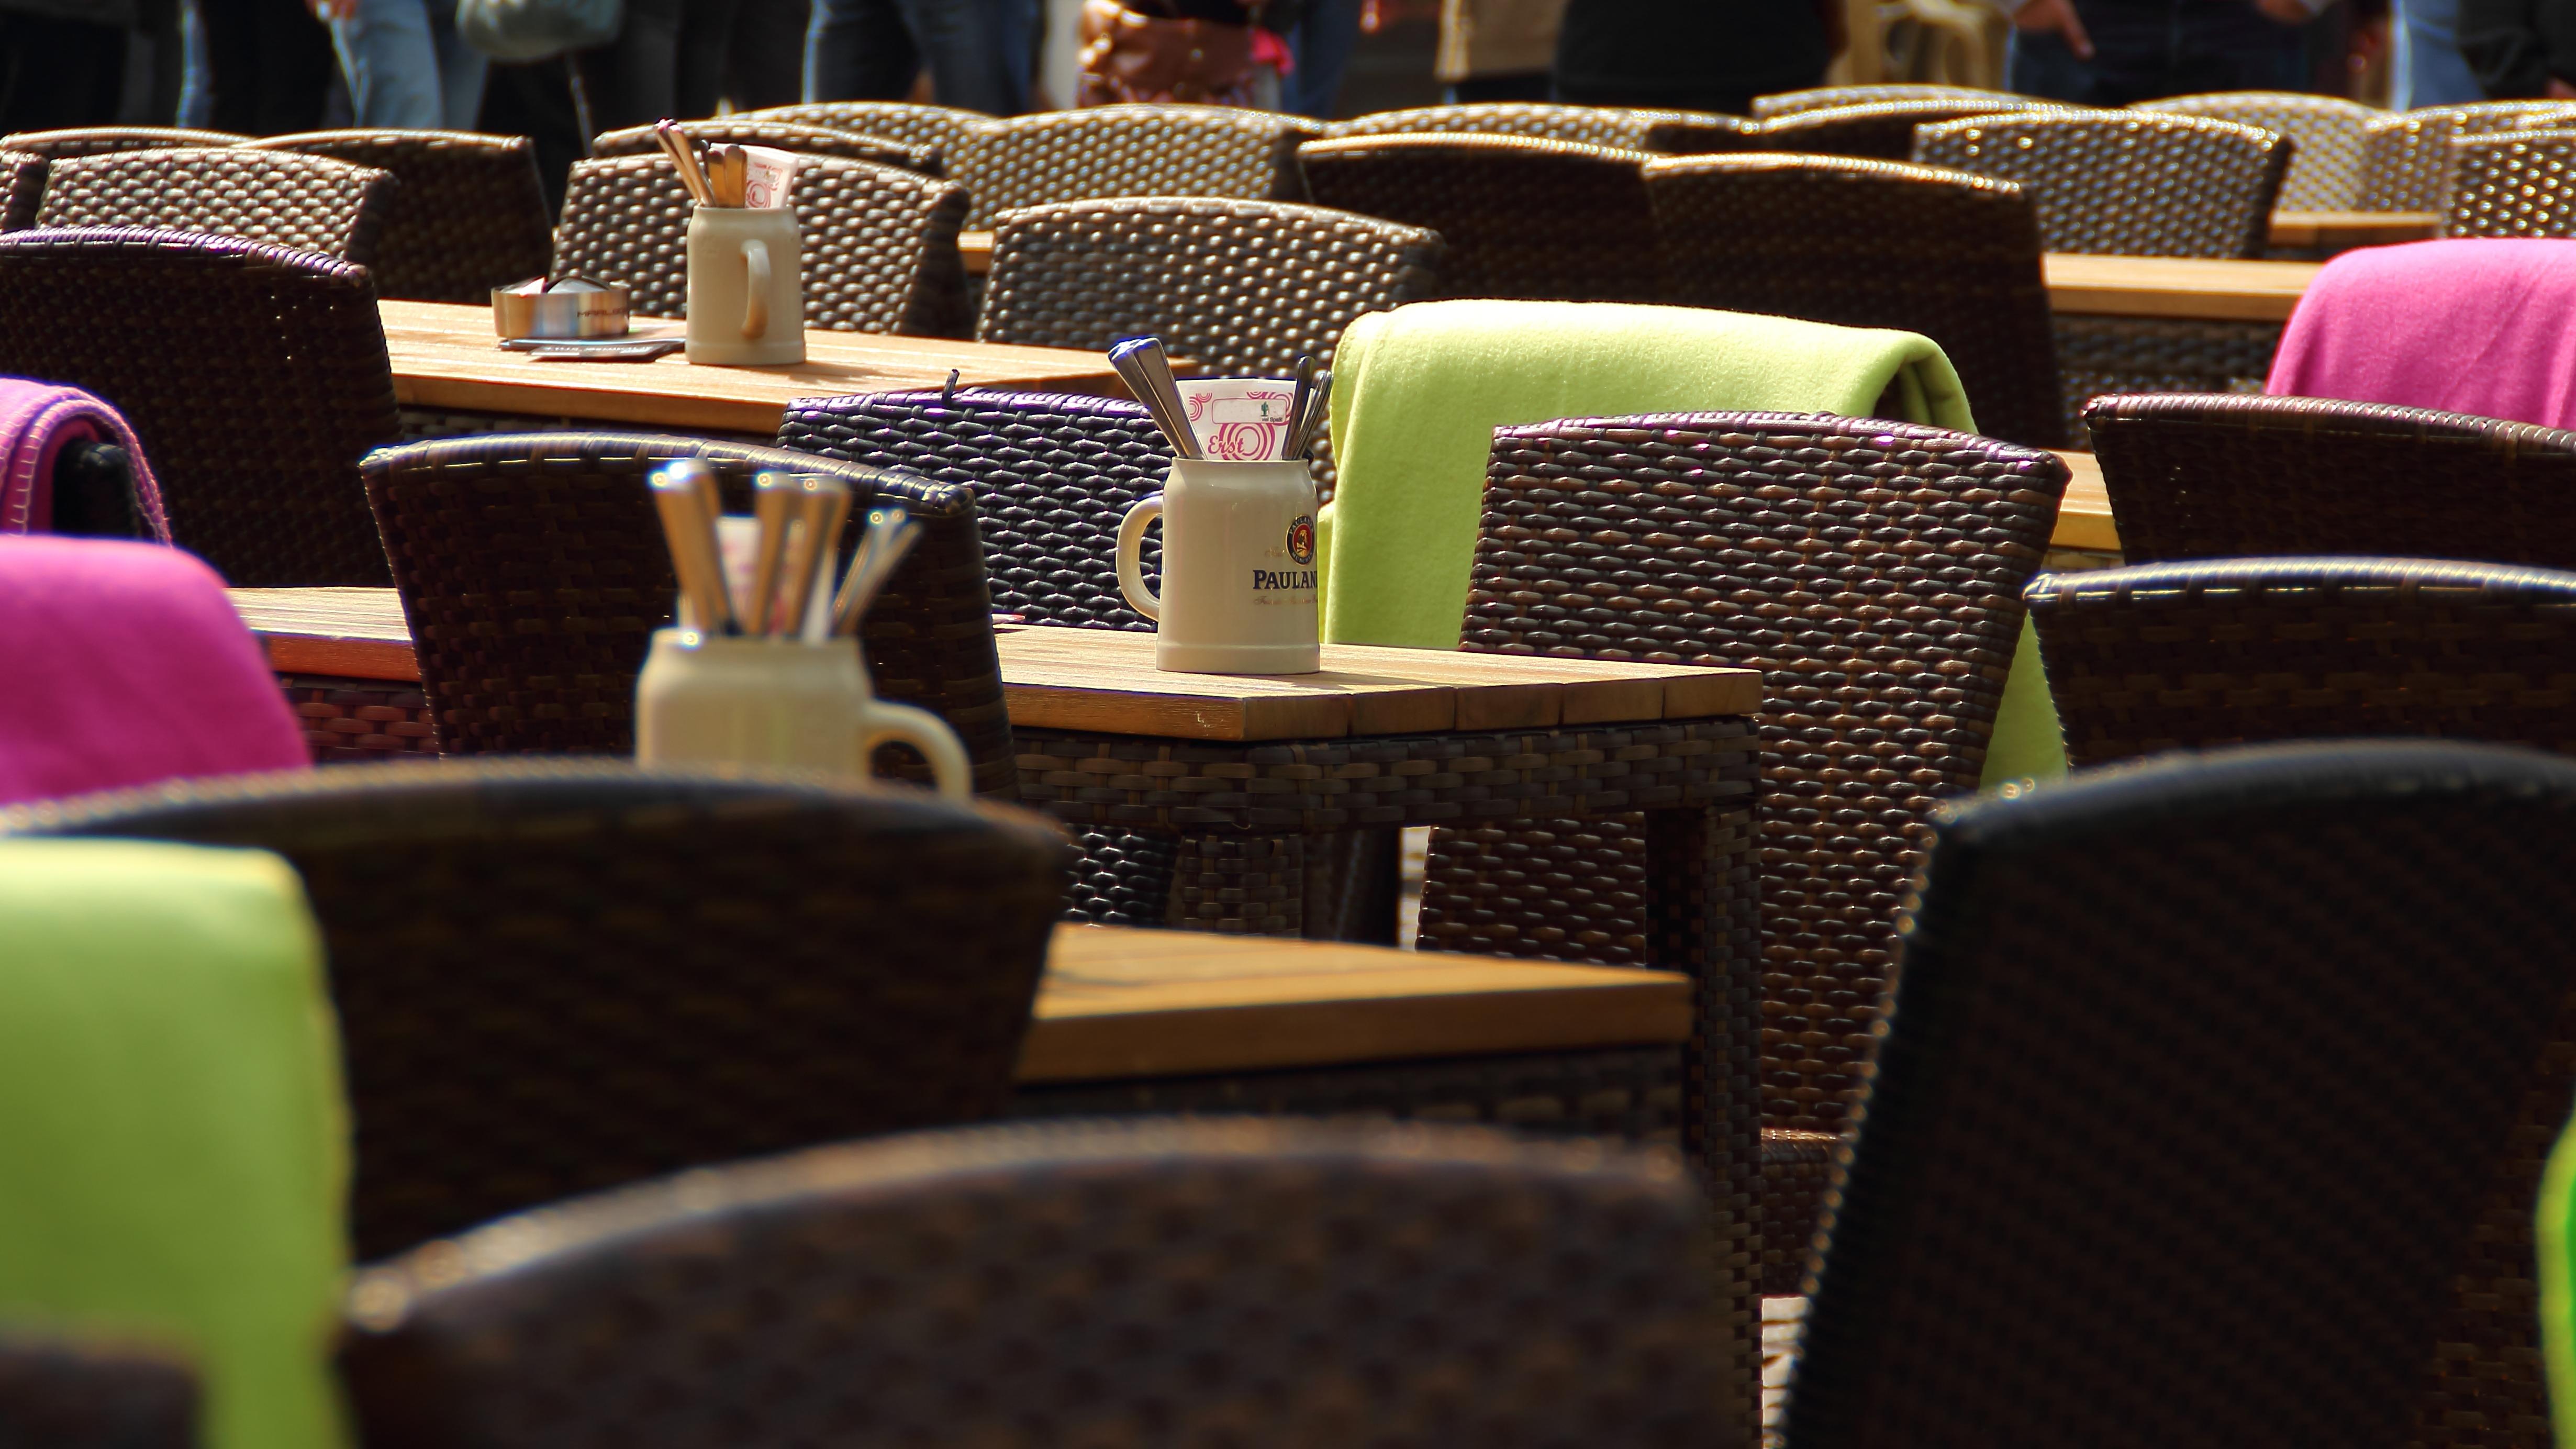 Images Gratuites : café, chaise, restaurant, décoration, printemps ...